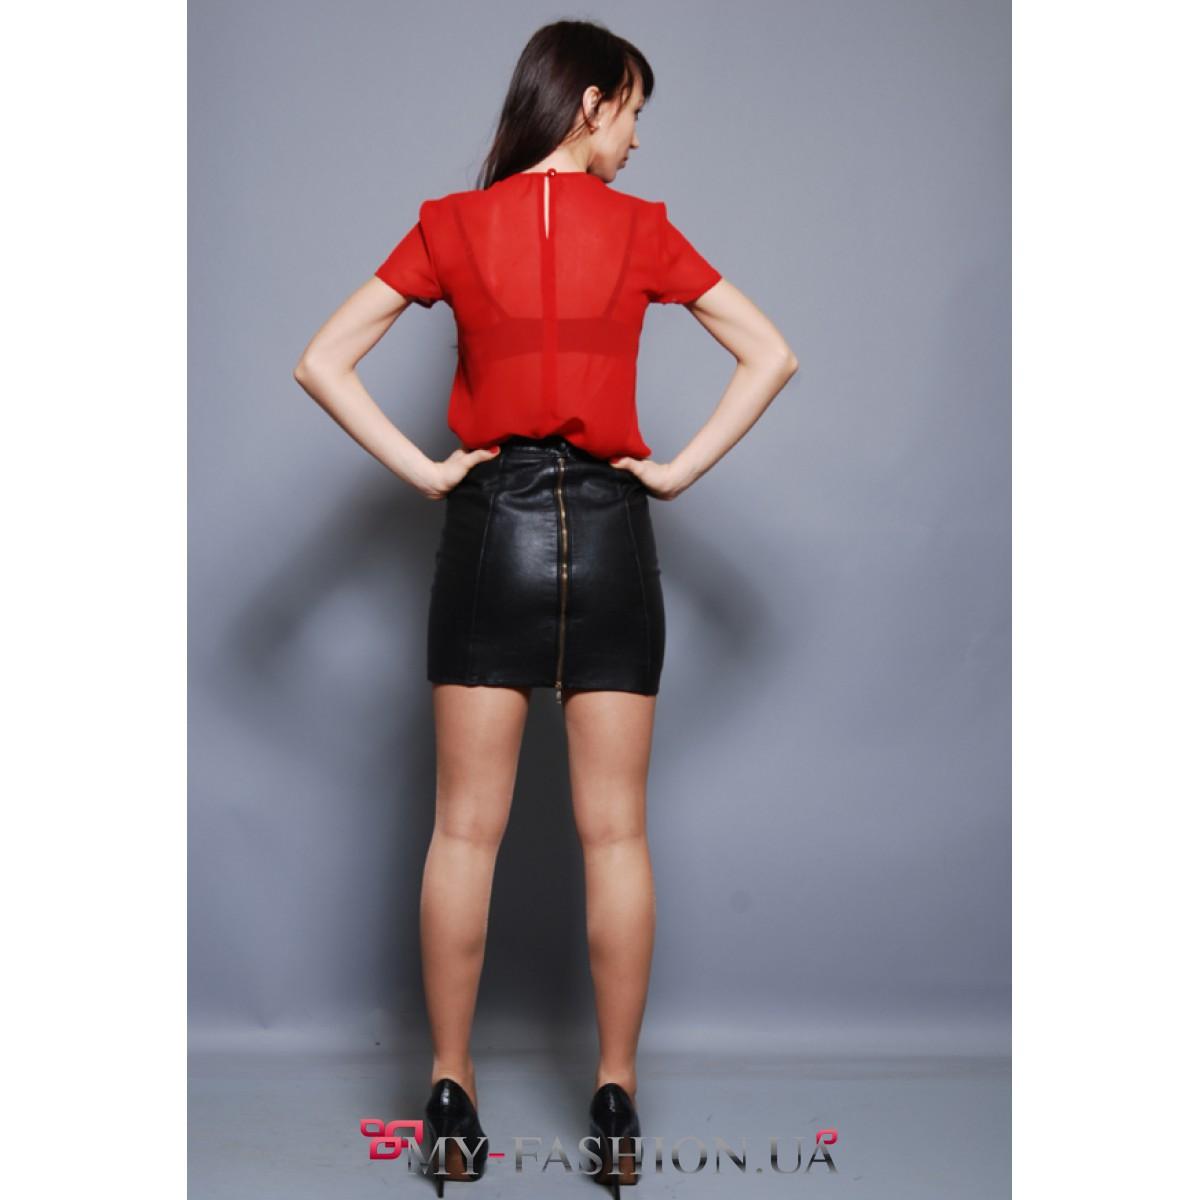 Женская Блузка С Жабо Купить